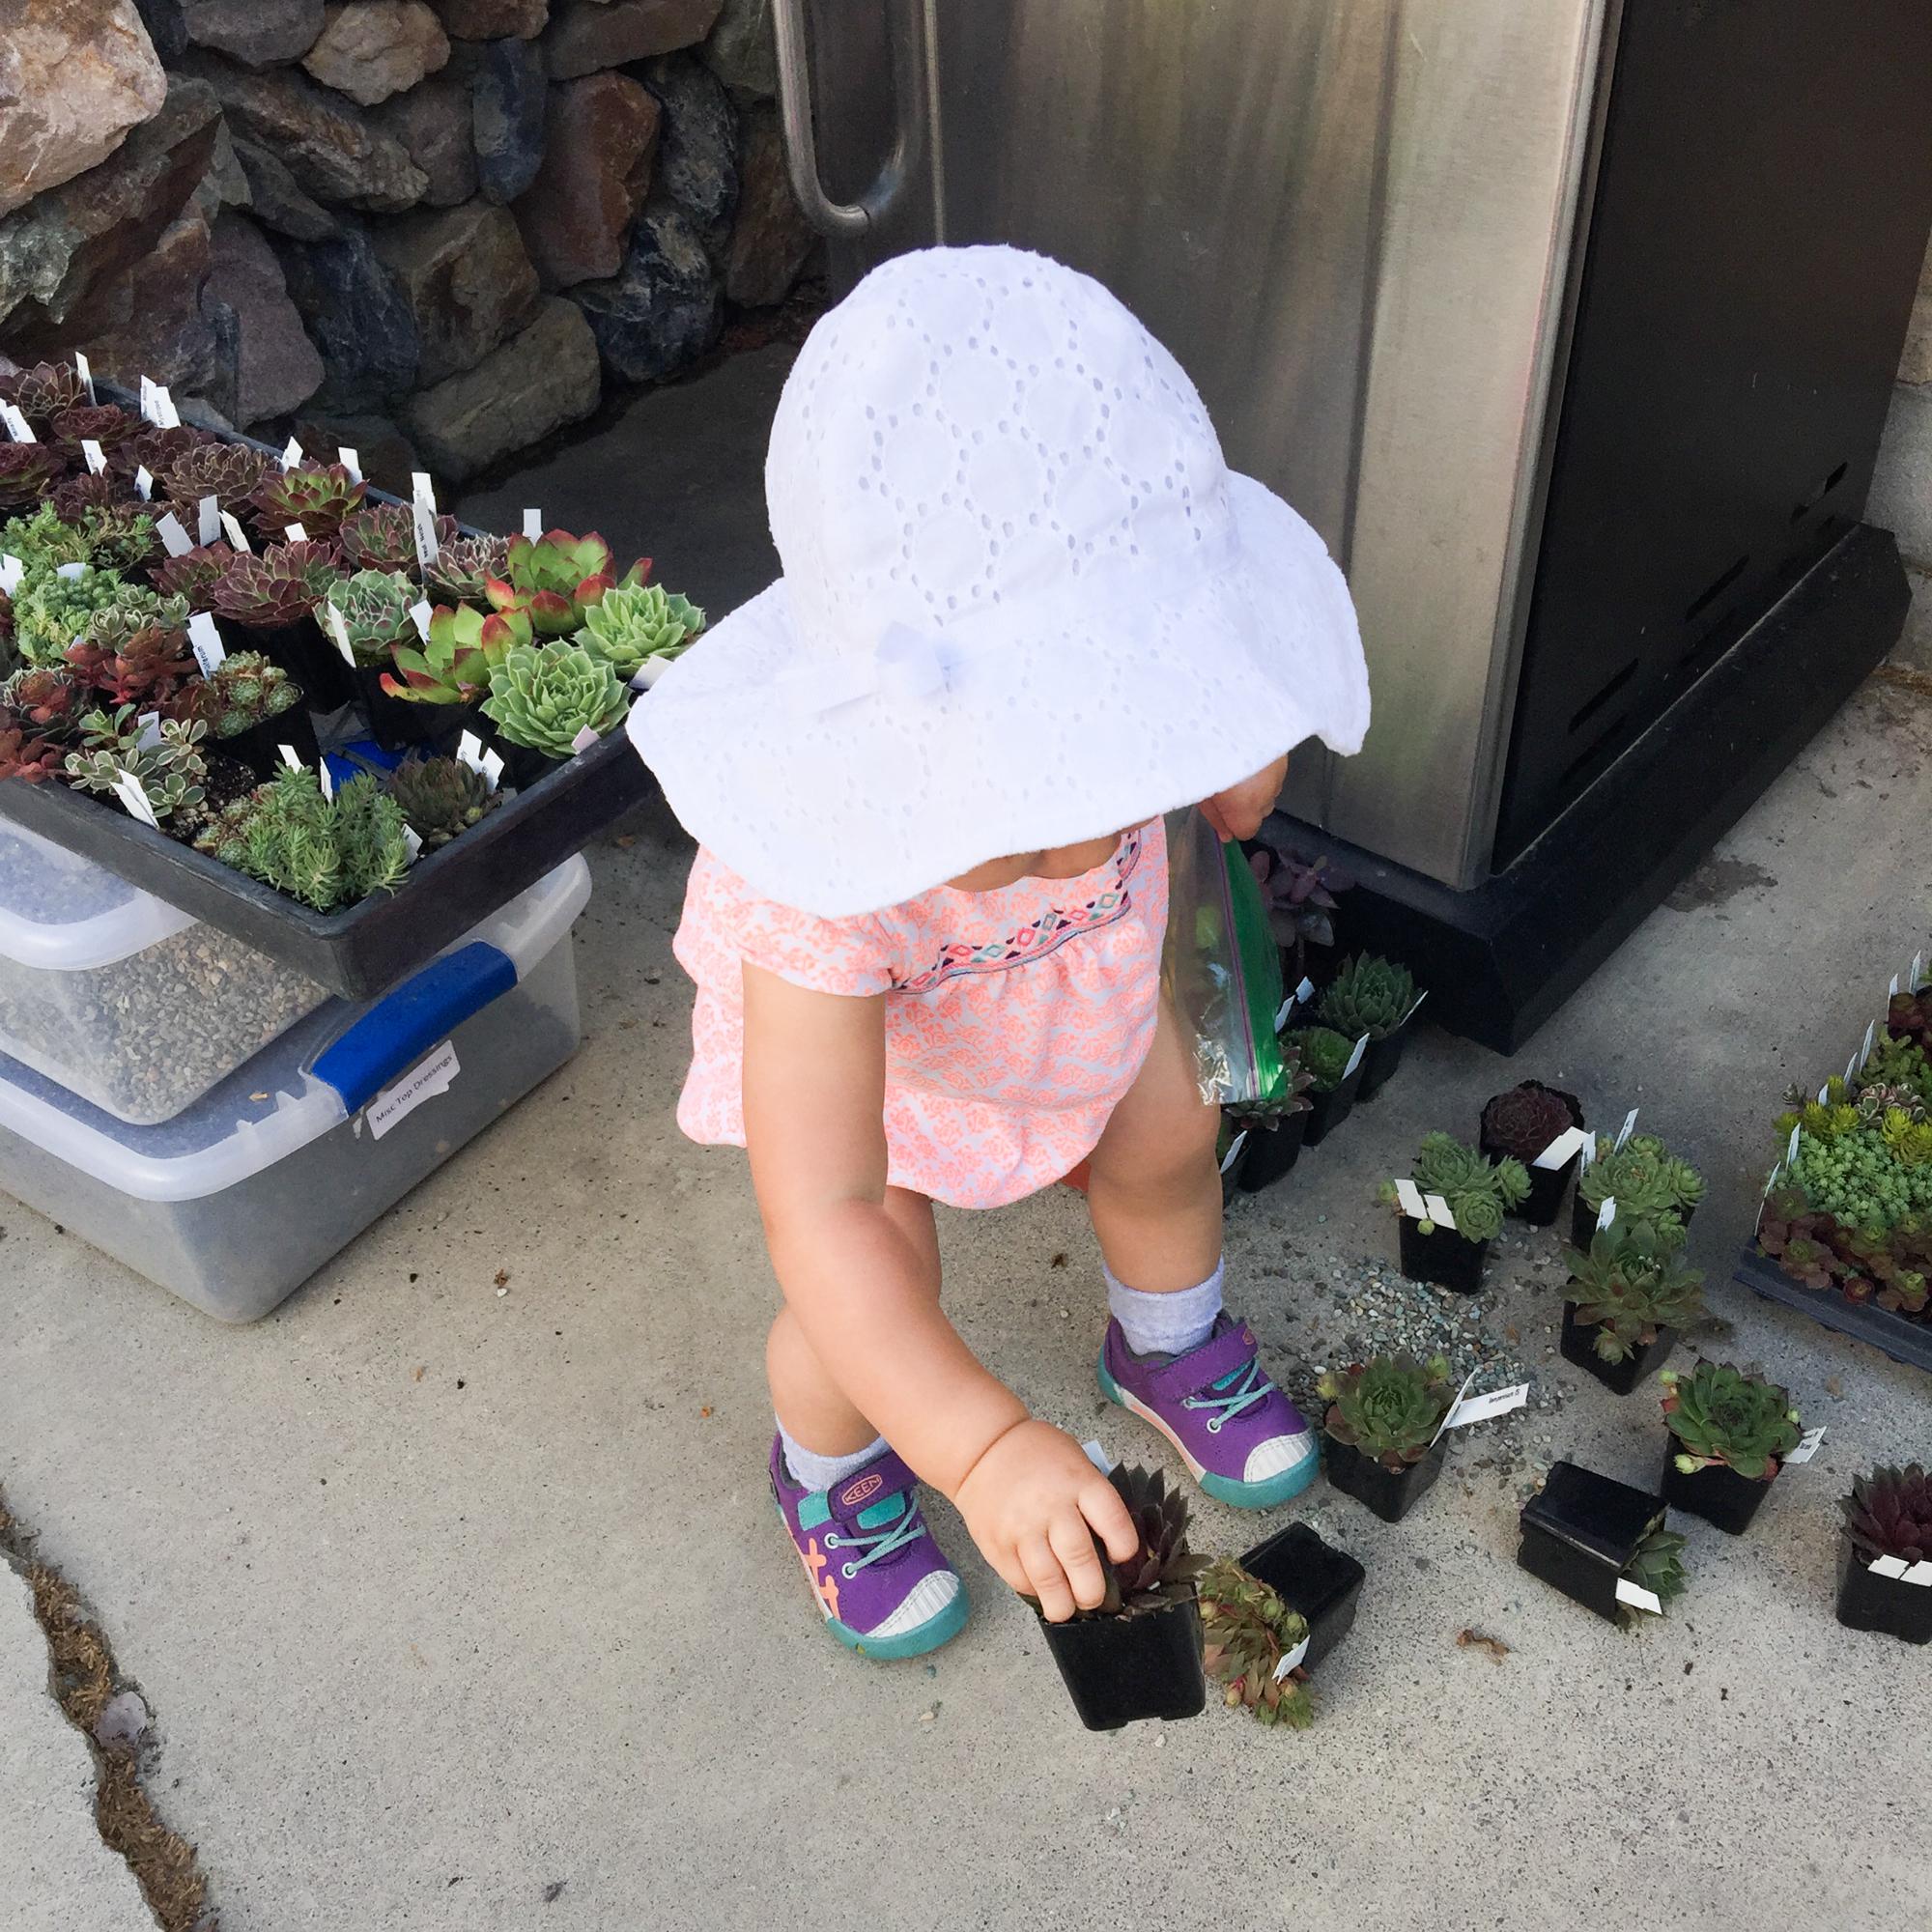 girl picking up sempervivum succulents